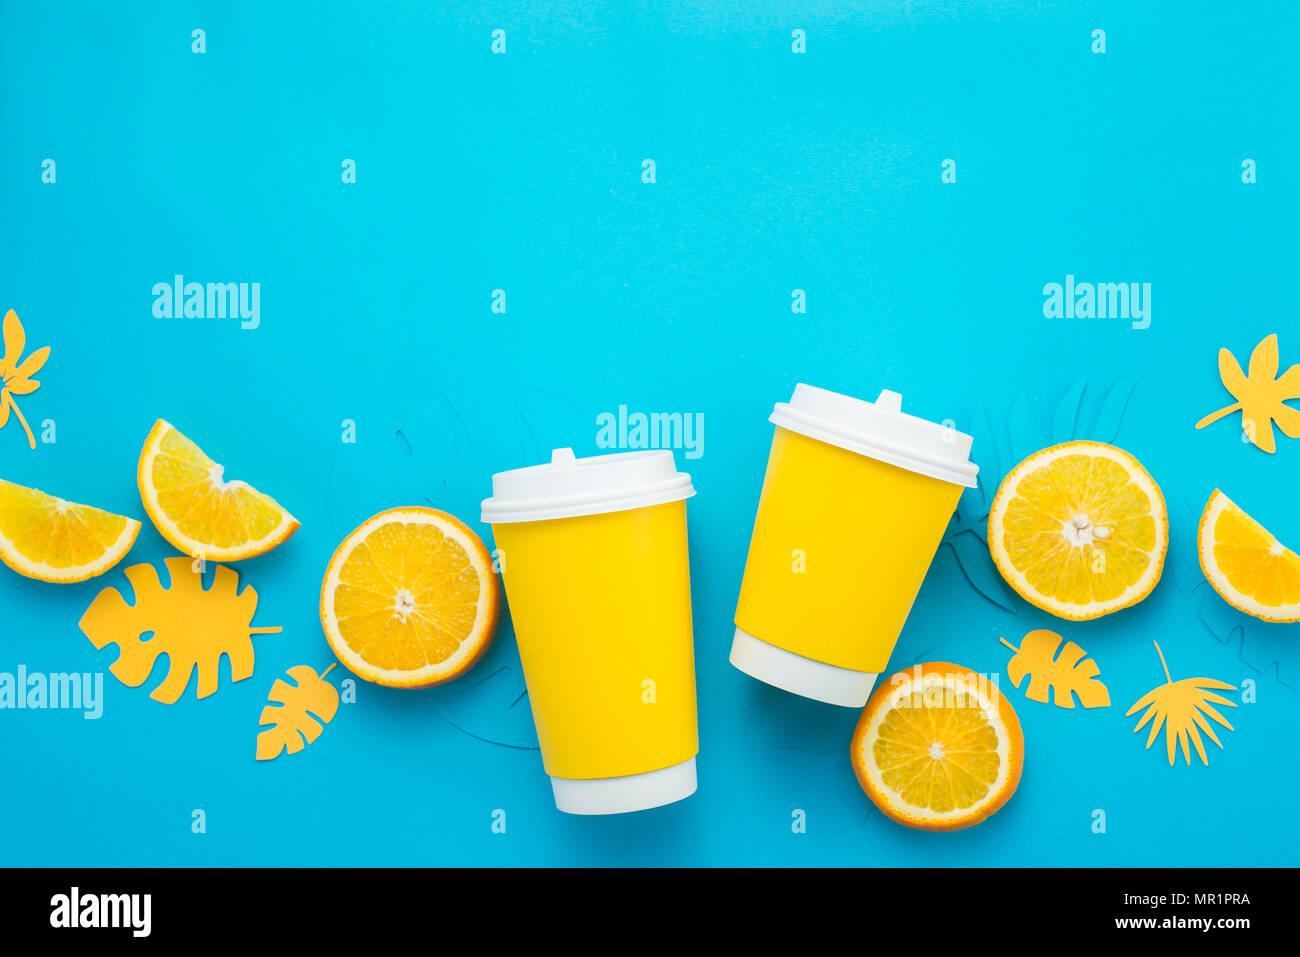 Bicchieri di carta con le fette di limone e foglie tropicali su un brillante sfondo blu. Bevanda estiva per andare laici piatta con copia spazio. La limonata dal di sopra Immagini Stock